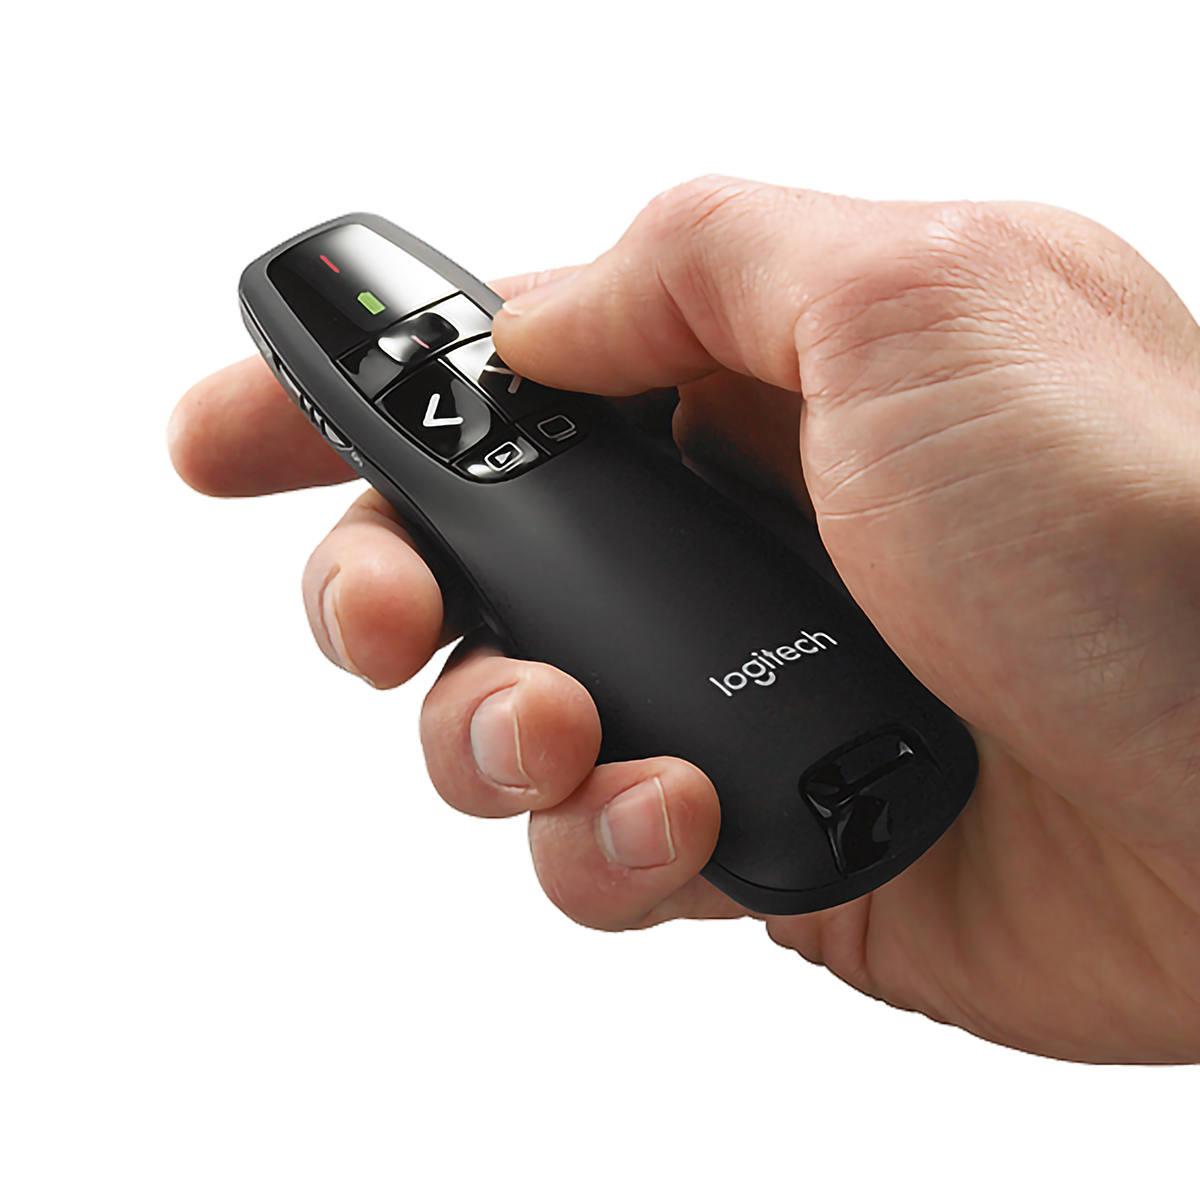 Apresentador Sem Fio Logitech Wireless Presenter R400 Laser Pointer Vermelho Conexão por USB Pilha Inclusa 910-001354